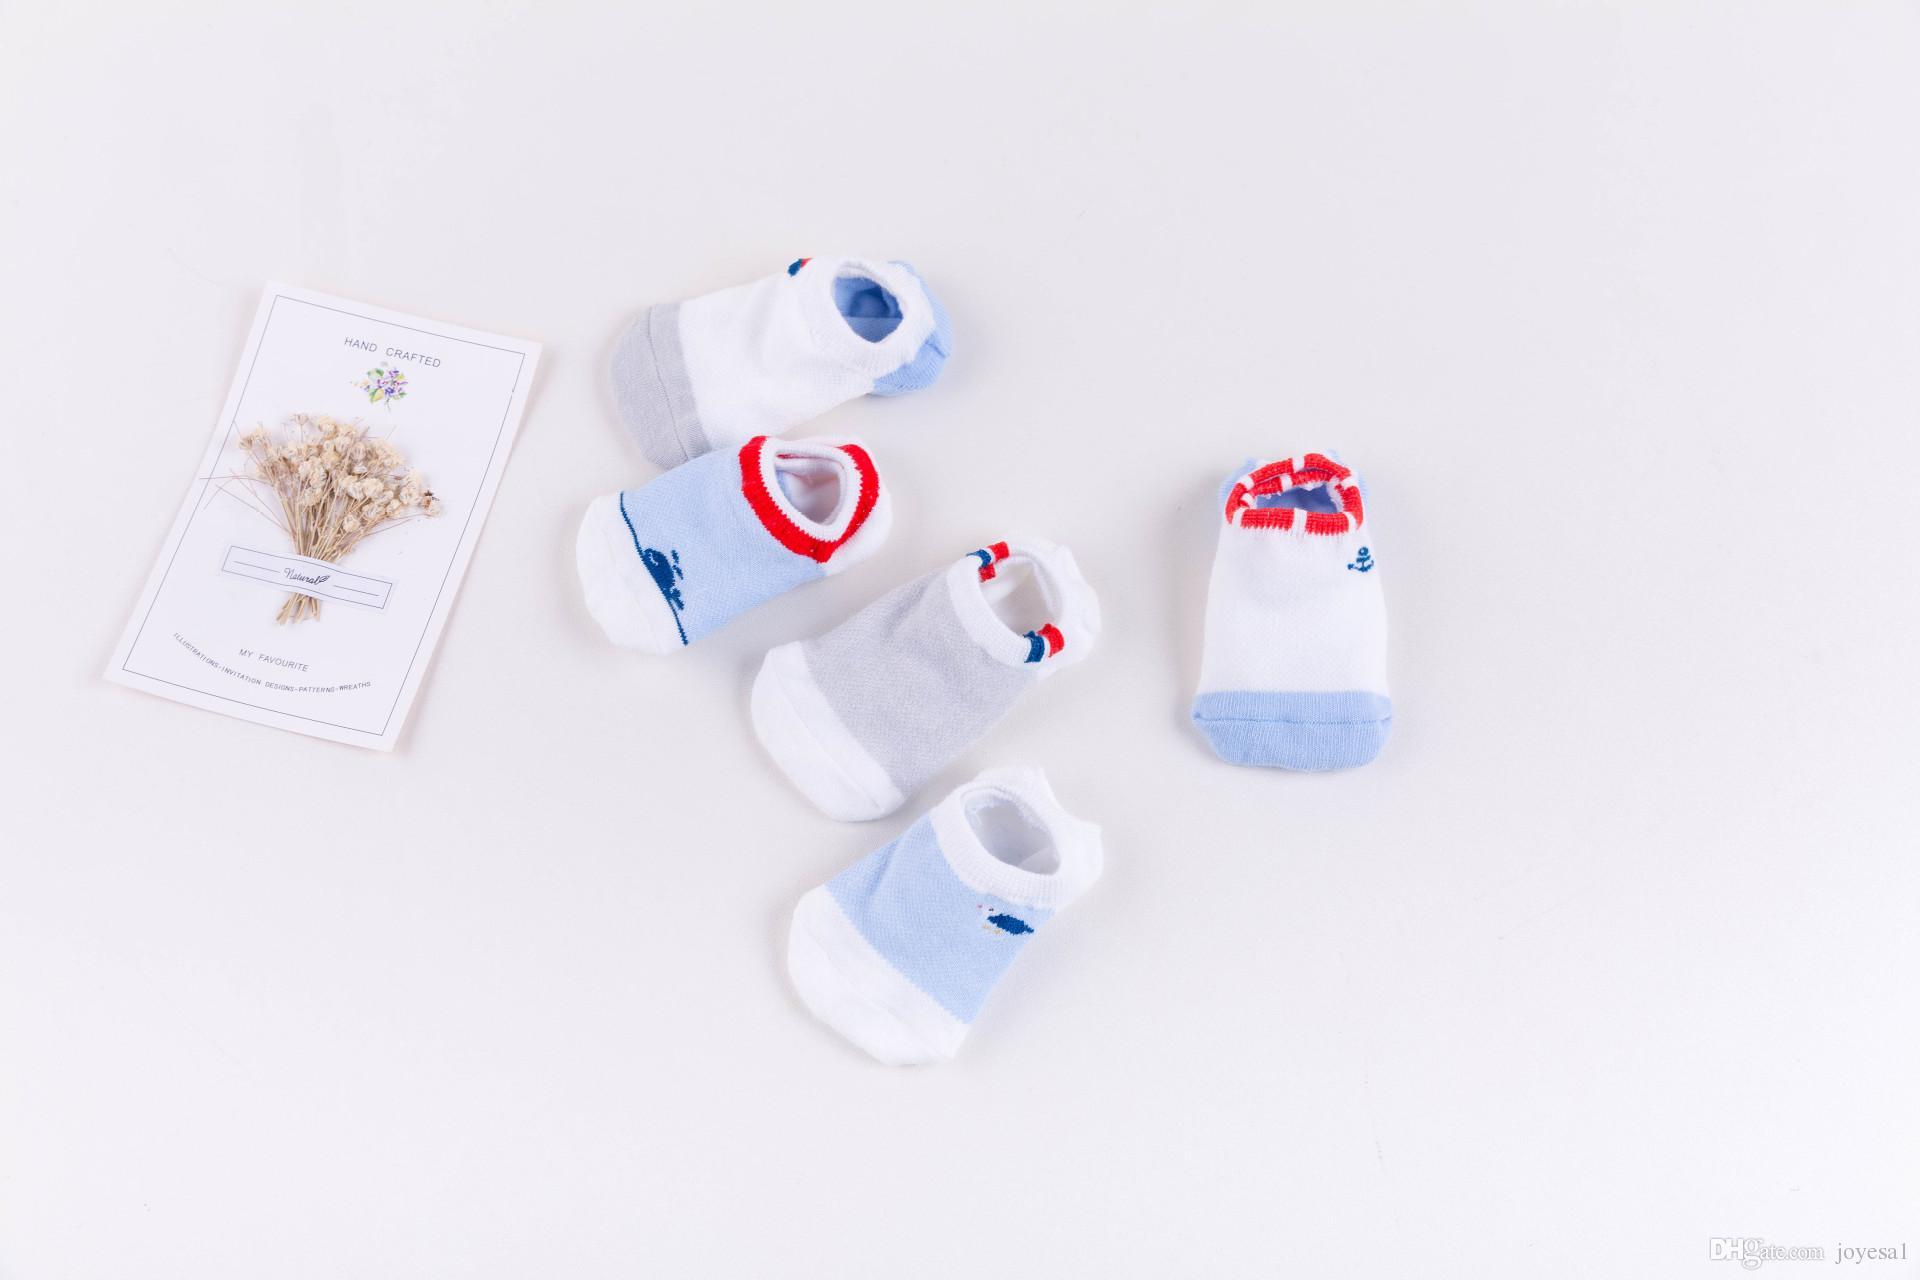 2020 freies Verschiffen Solidee Kinder Ball Socke, Socke Farben Kind beiläufige Socke für Gruppenmitglied Client make für code22